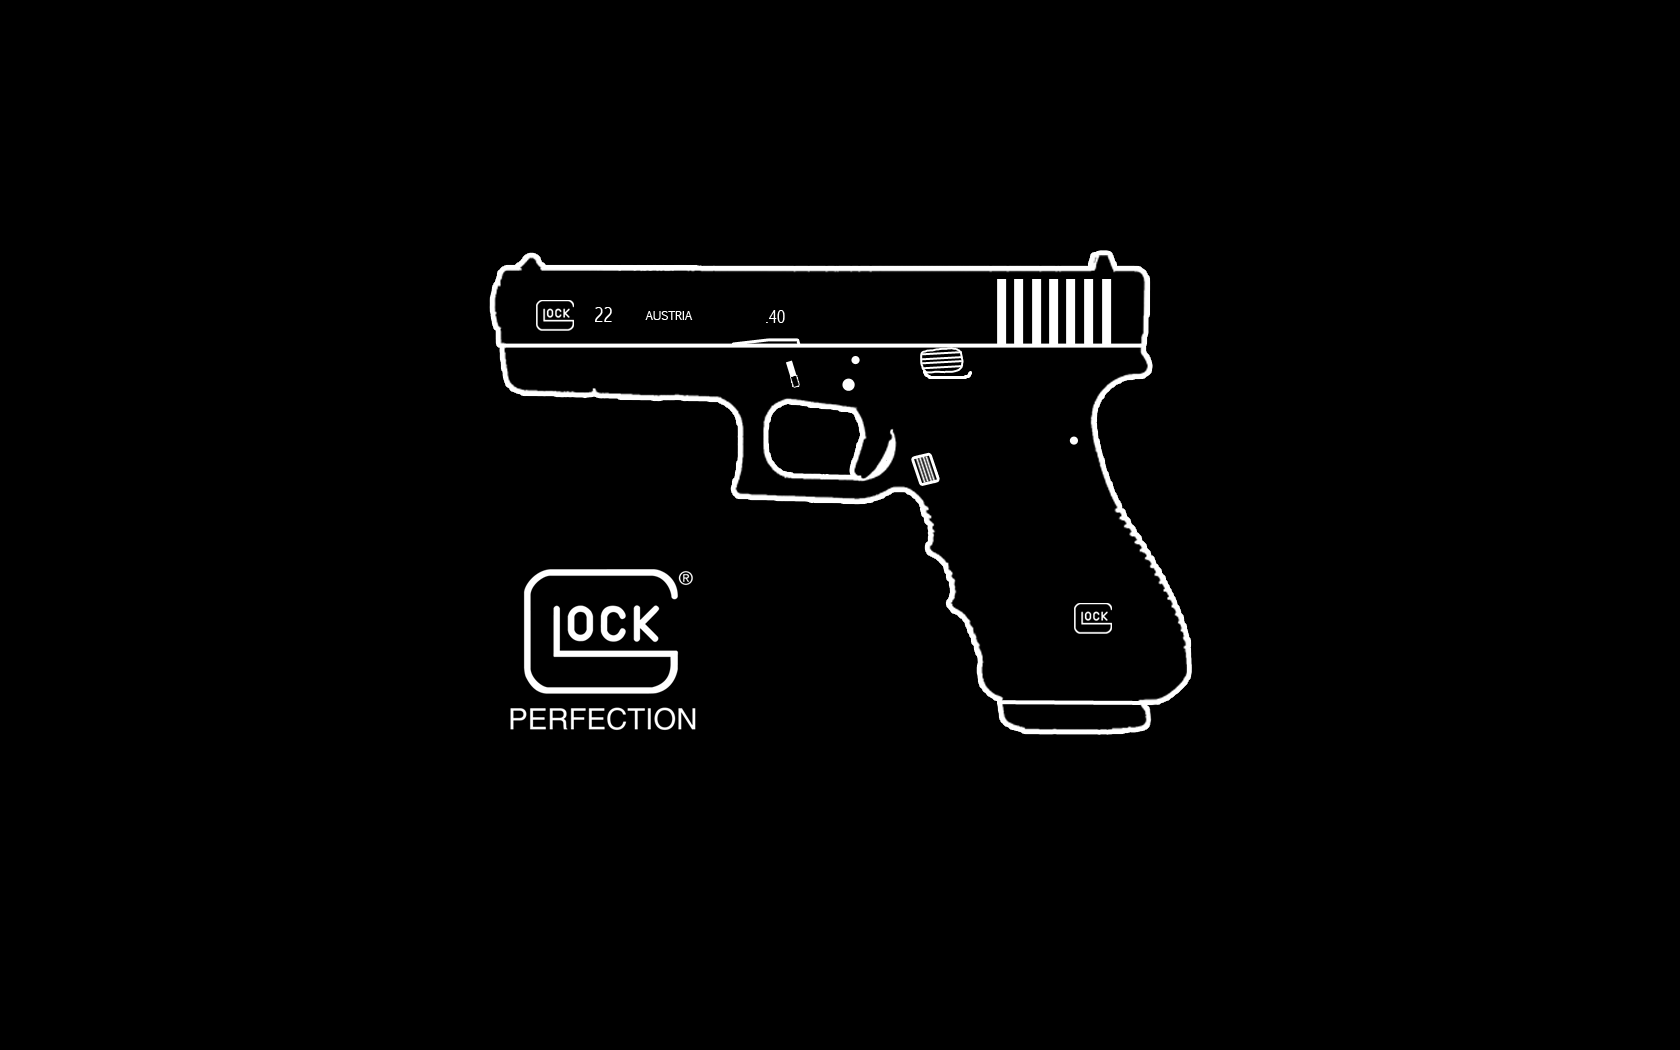 47+] Glock Wallpaper Full Size on